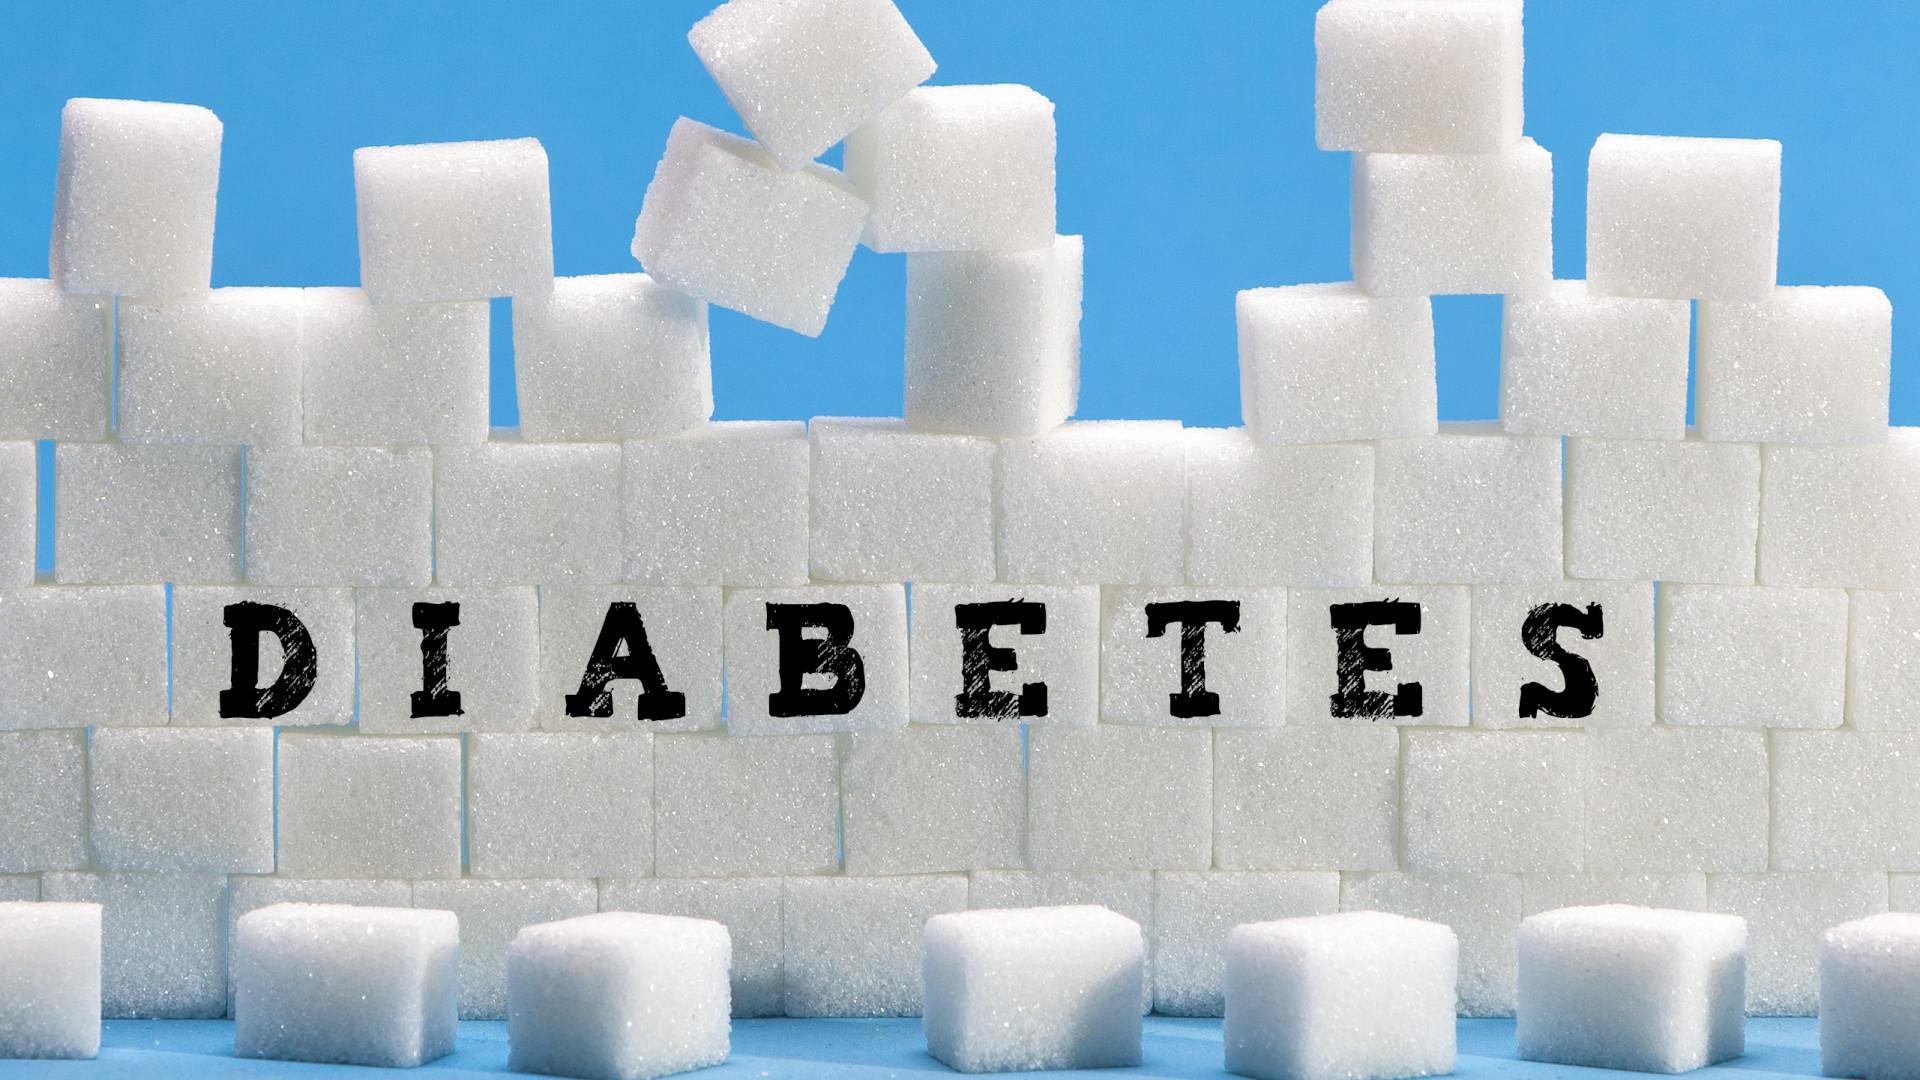 Nova insulina basal comparticipada em Portugal para diabetes tipo 1